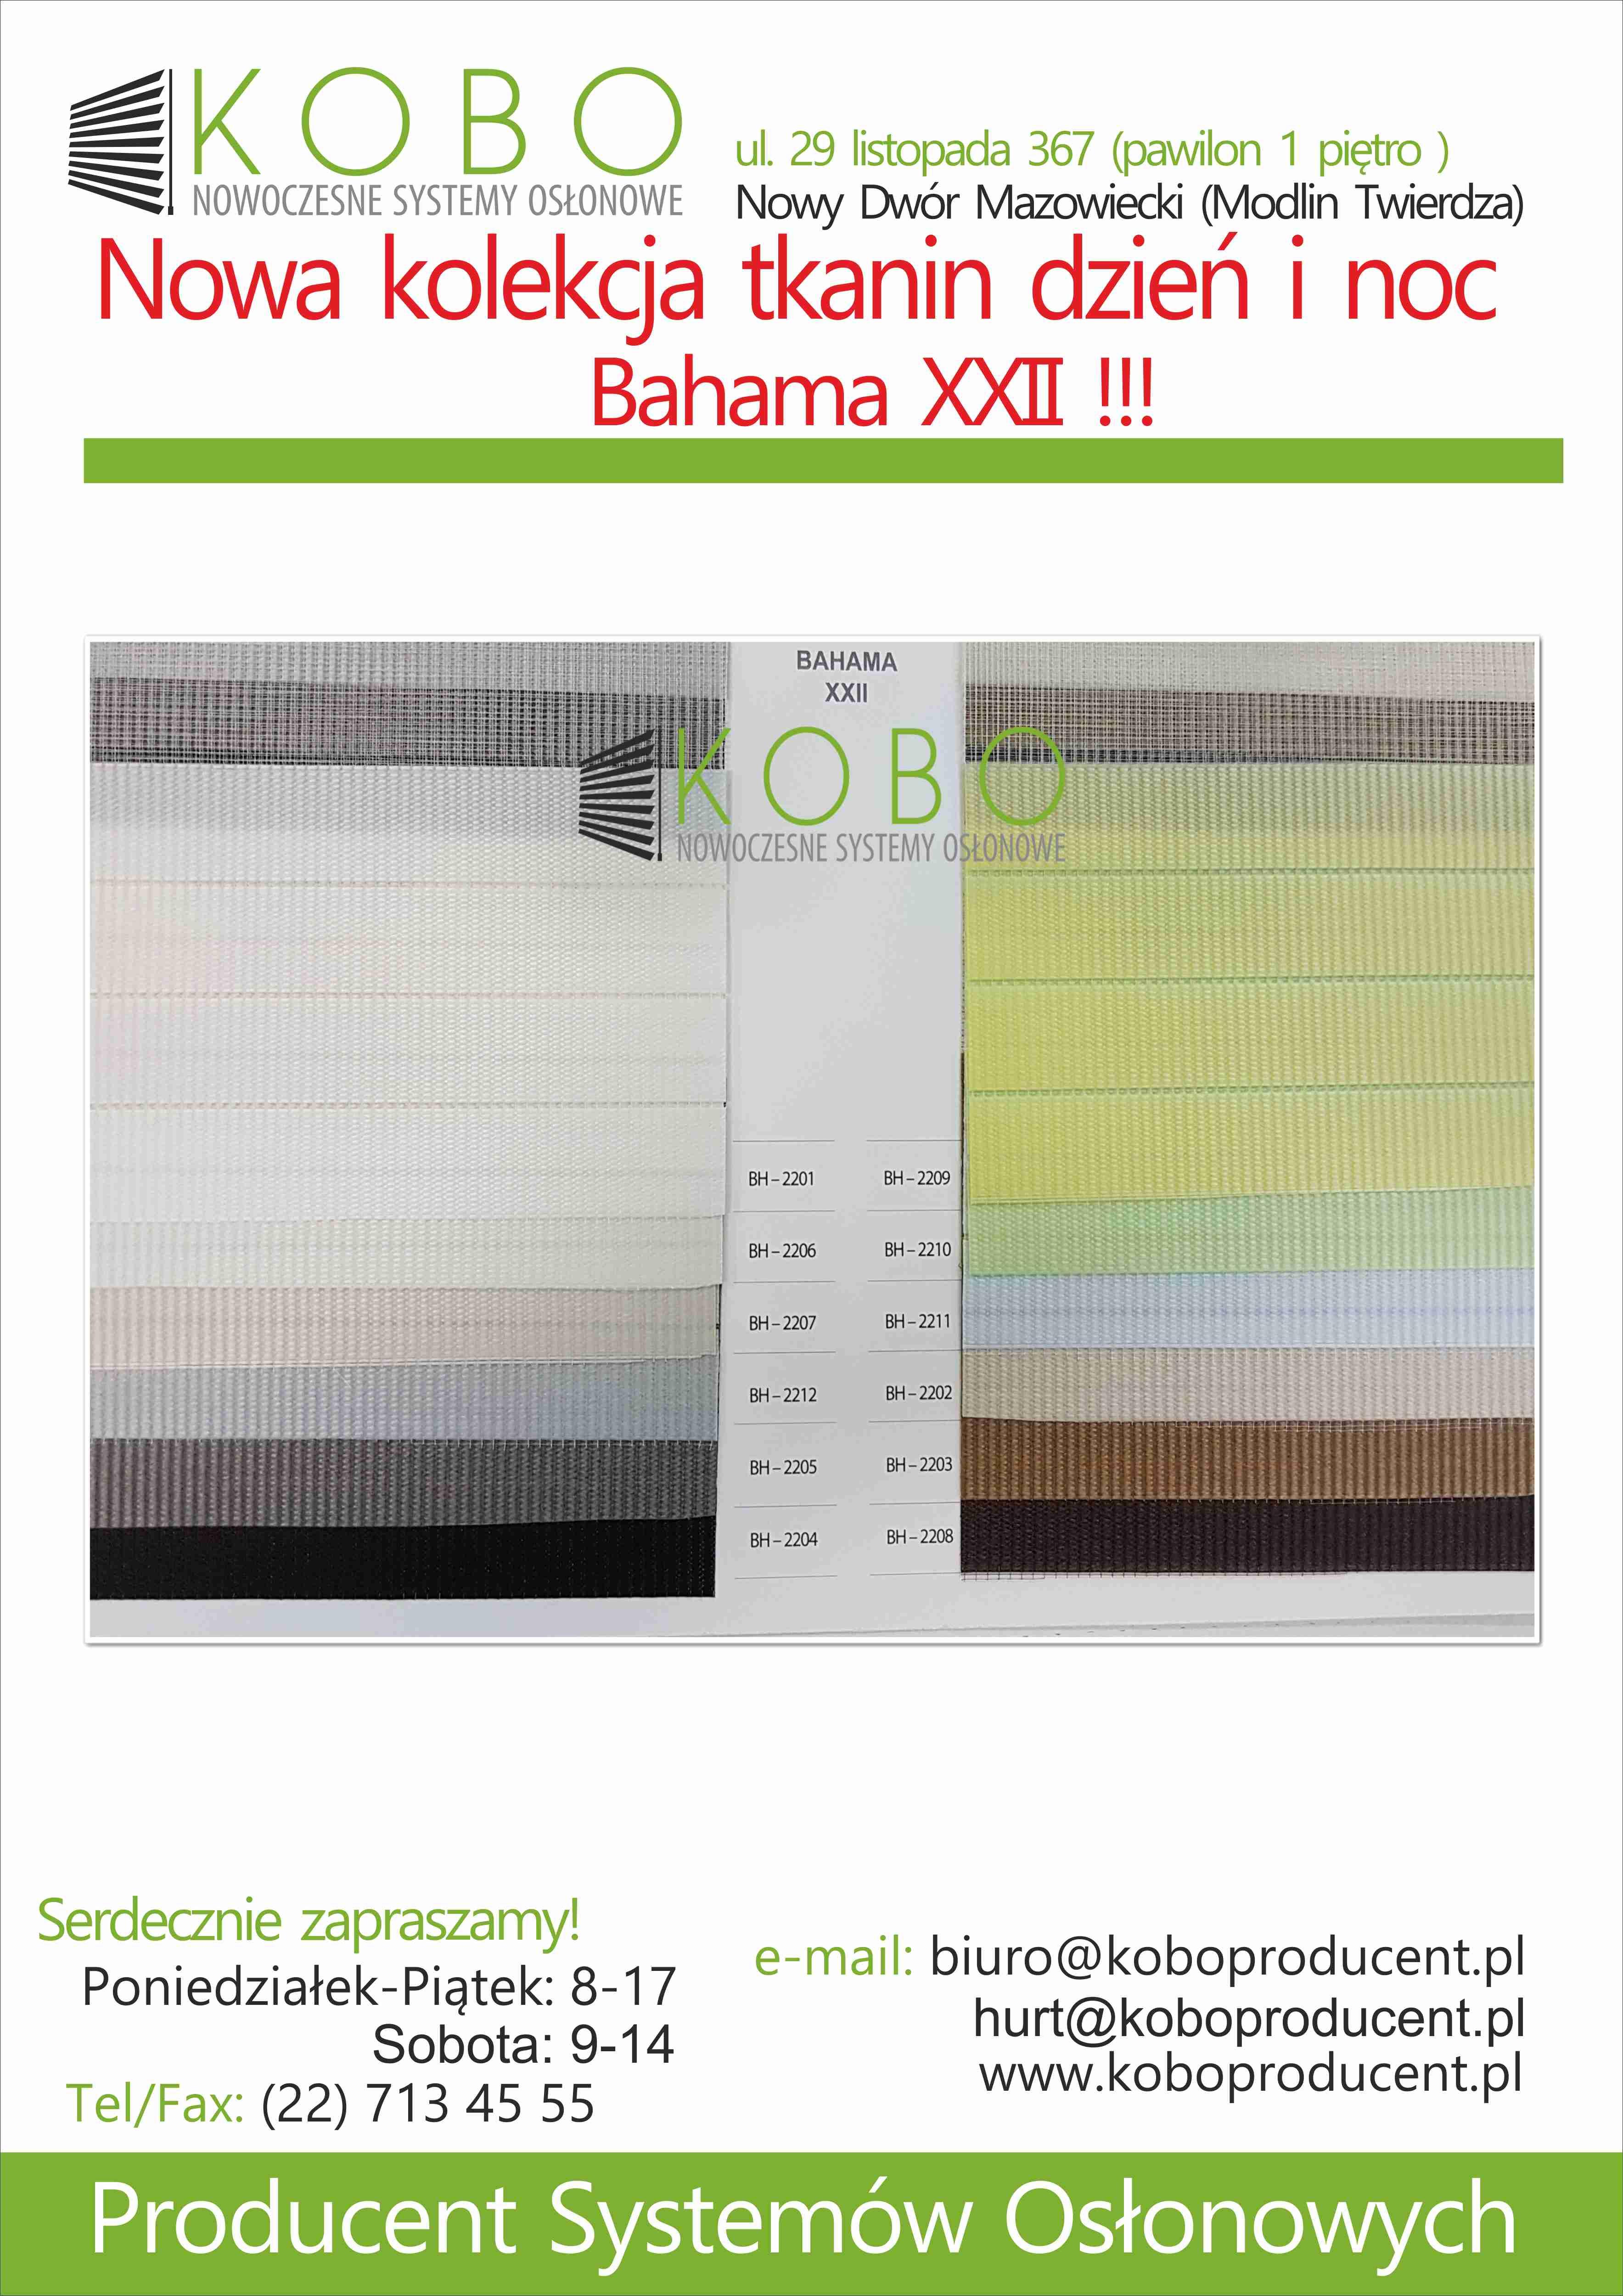 NOWA KOLEKCJA TKANIN DZIEŃ NOC BAHAMA XXII !!!